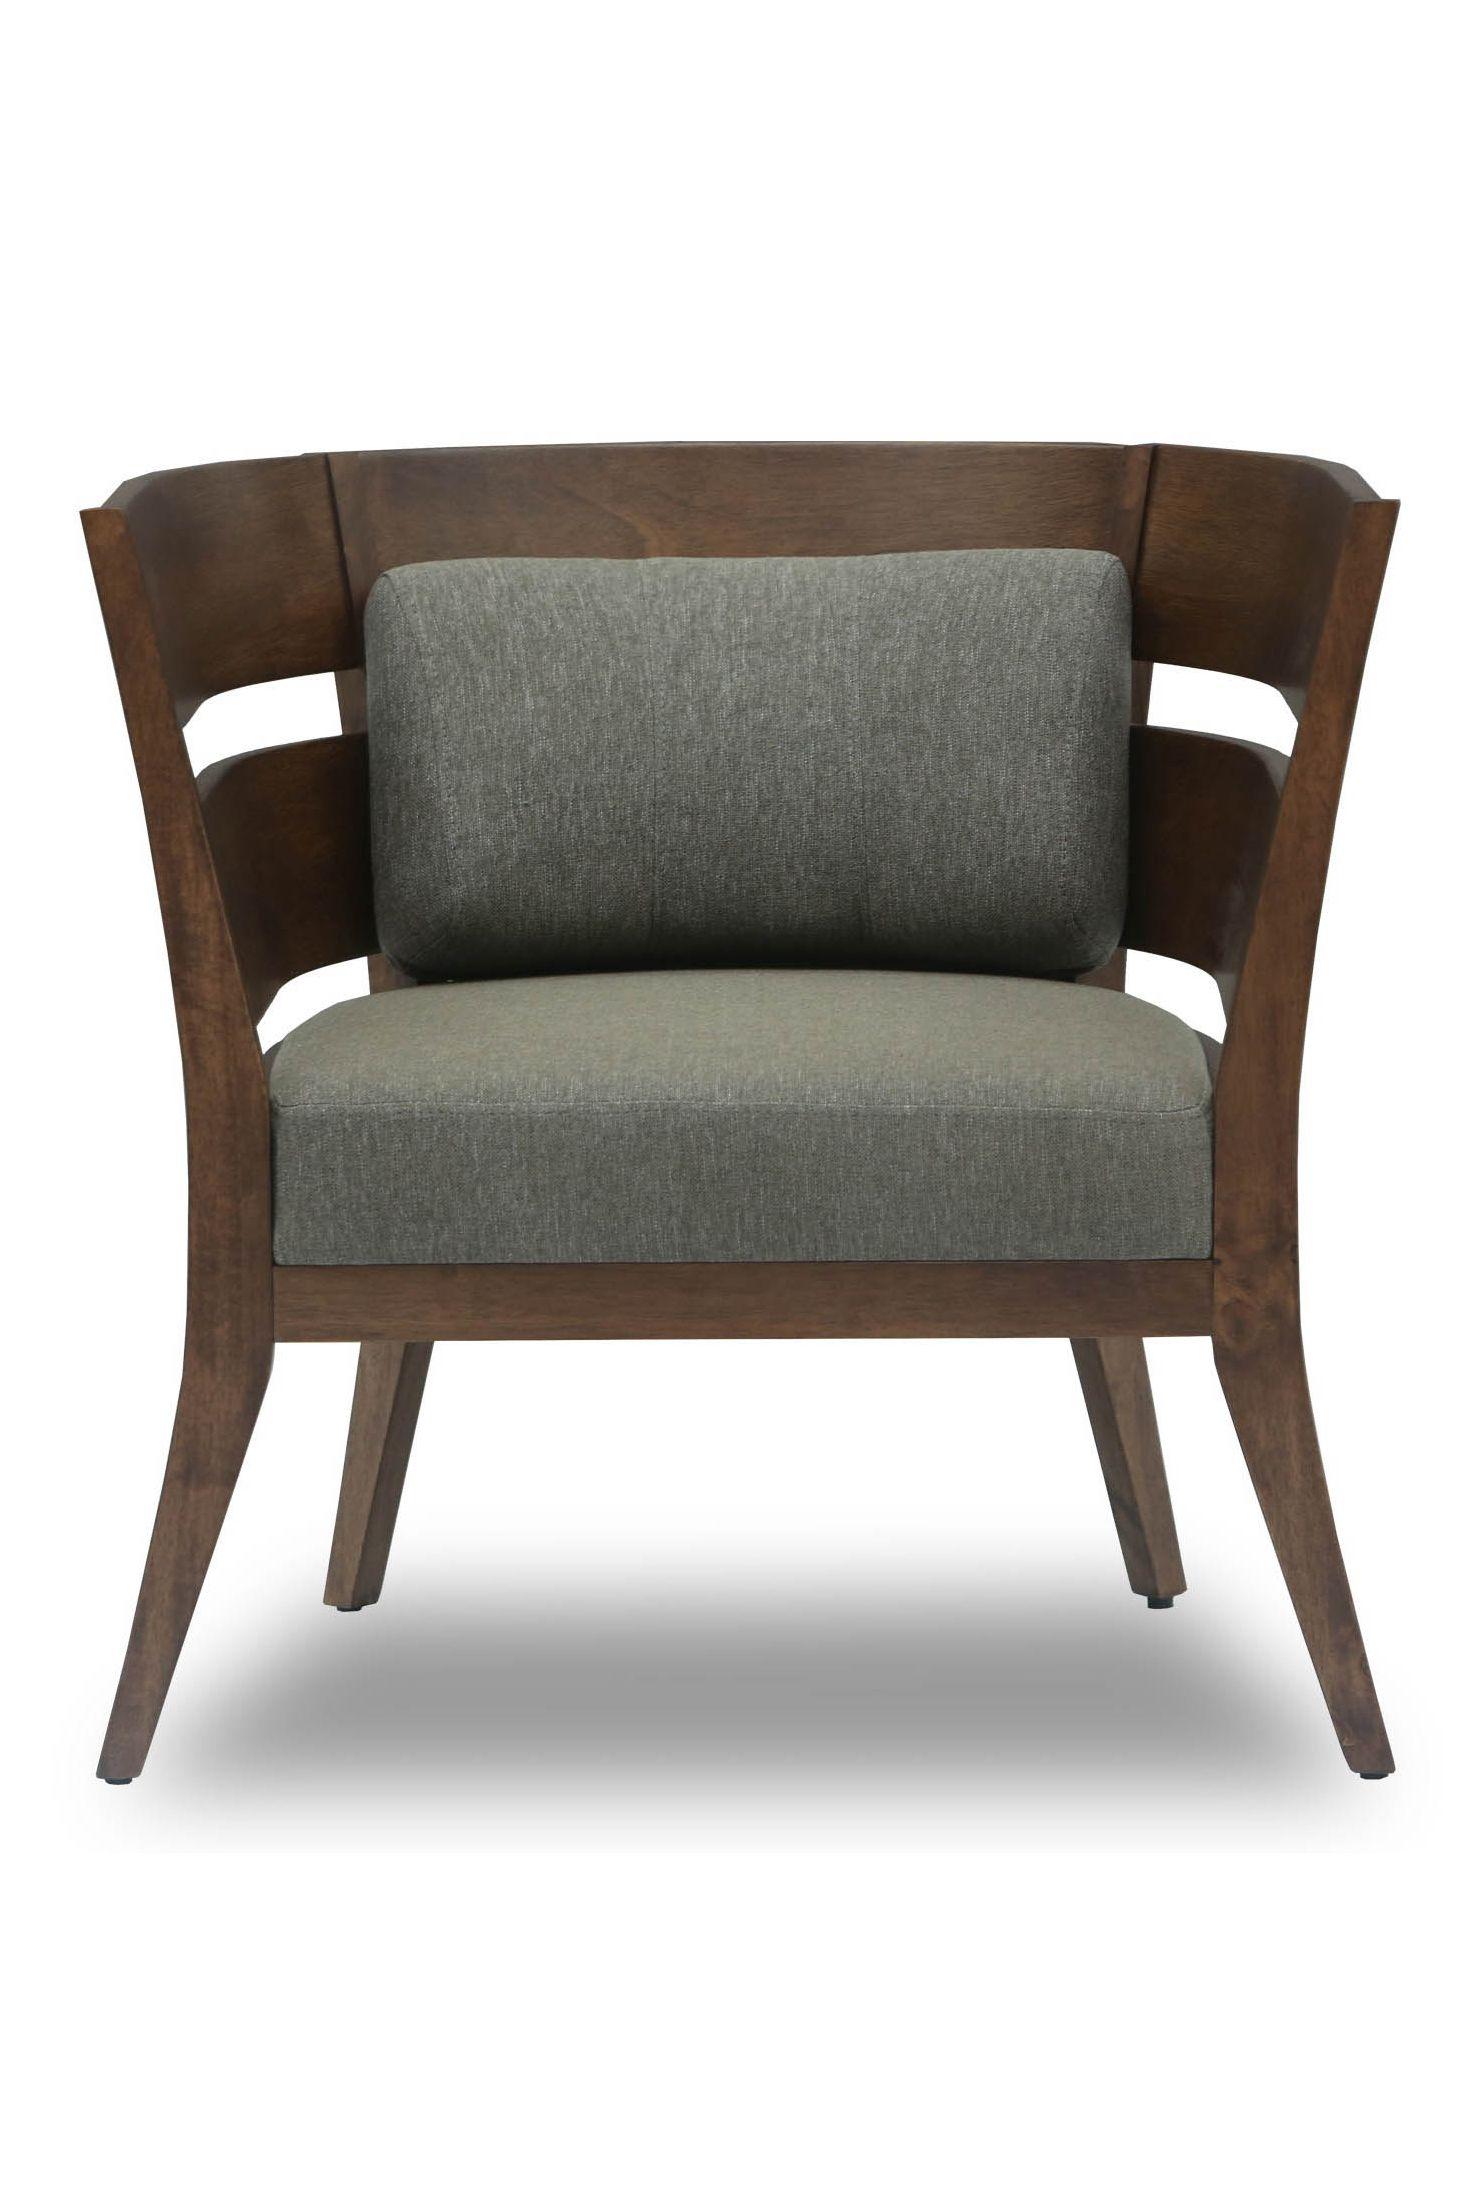 Mier Cocoa Lounge Chair Sillas Butacas Y Muebles De Cuero # Muebles Puro Cuero